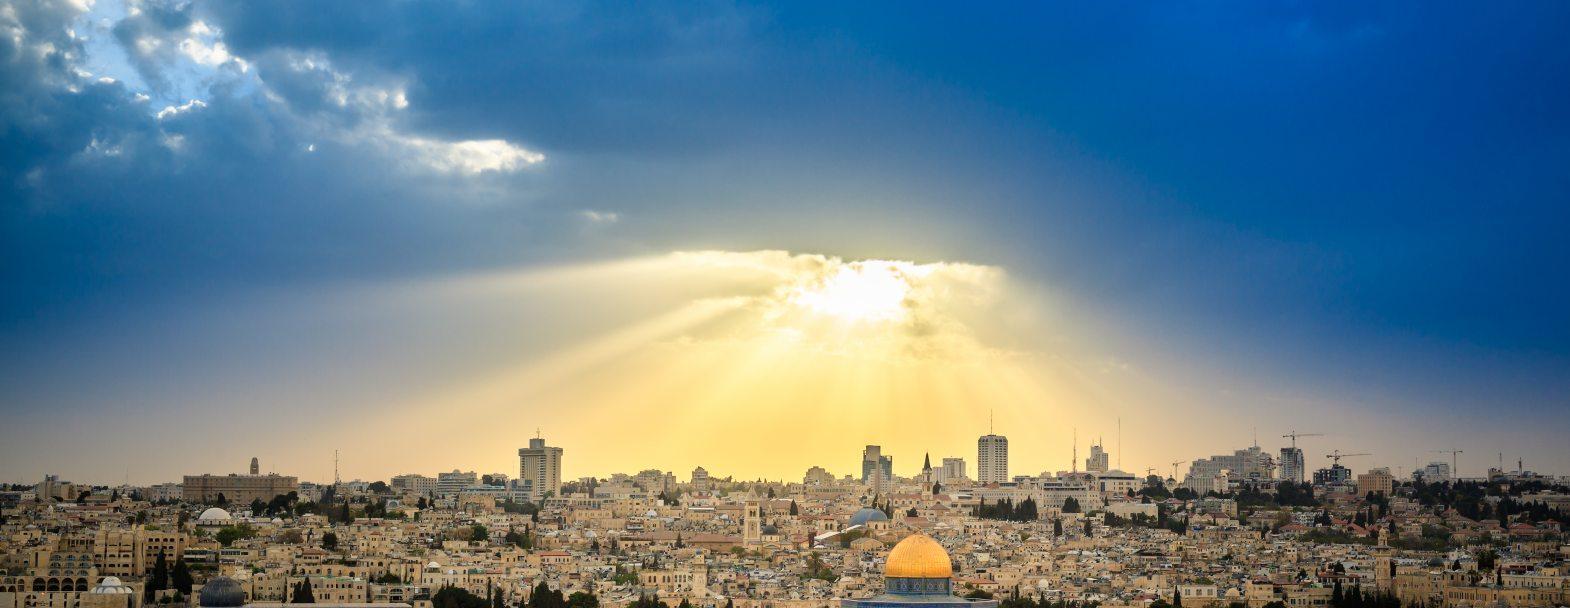 Jérusalem, le conflit des mémoires | Réformés.ch - site d ...